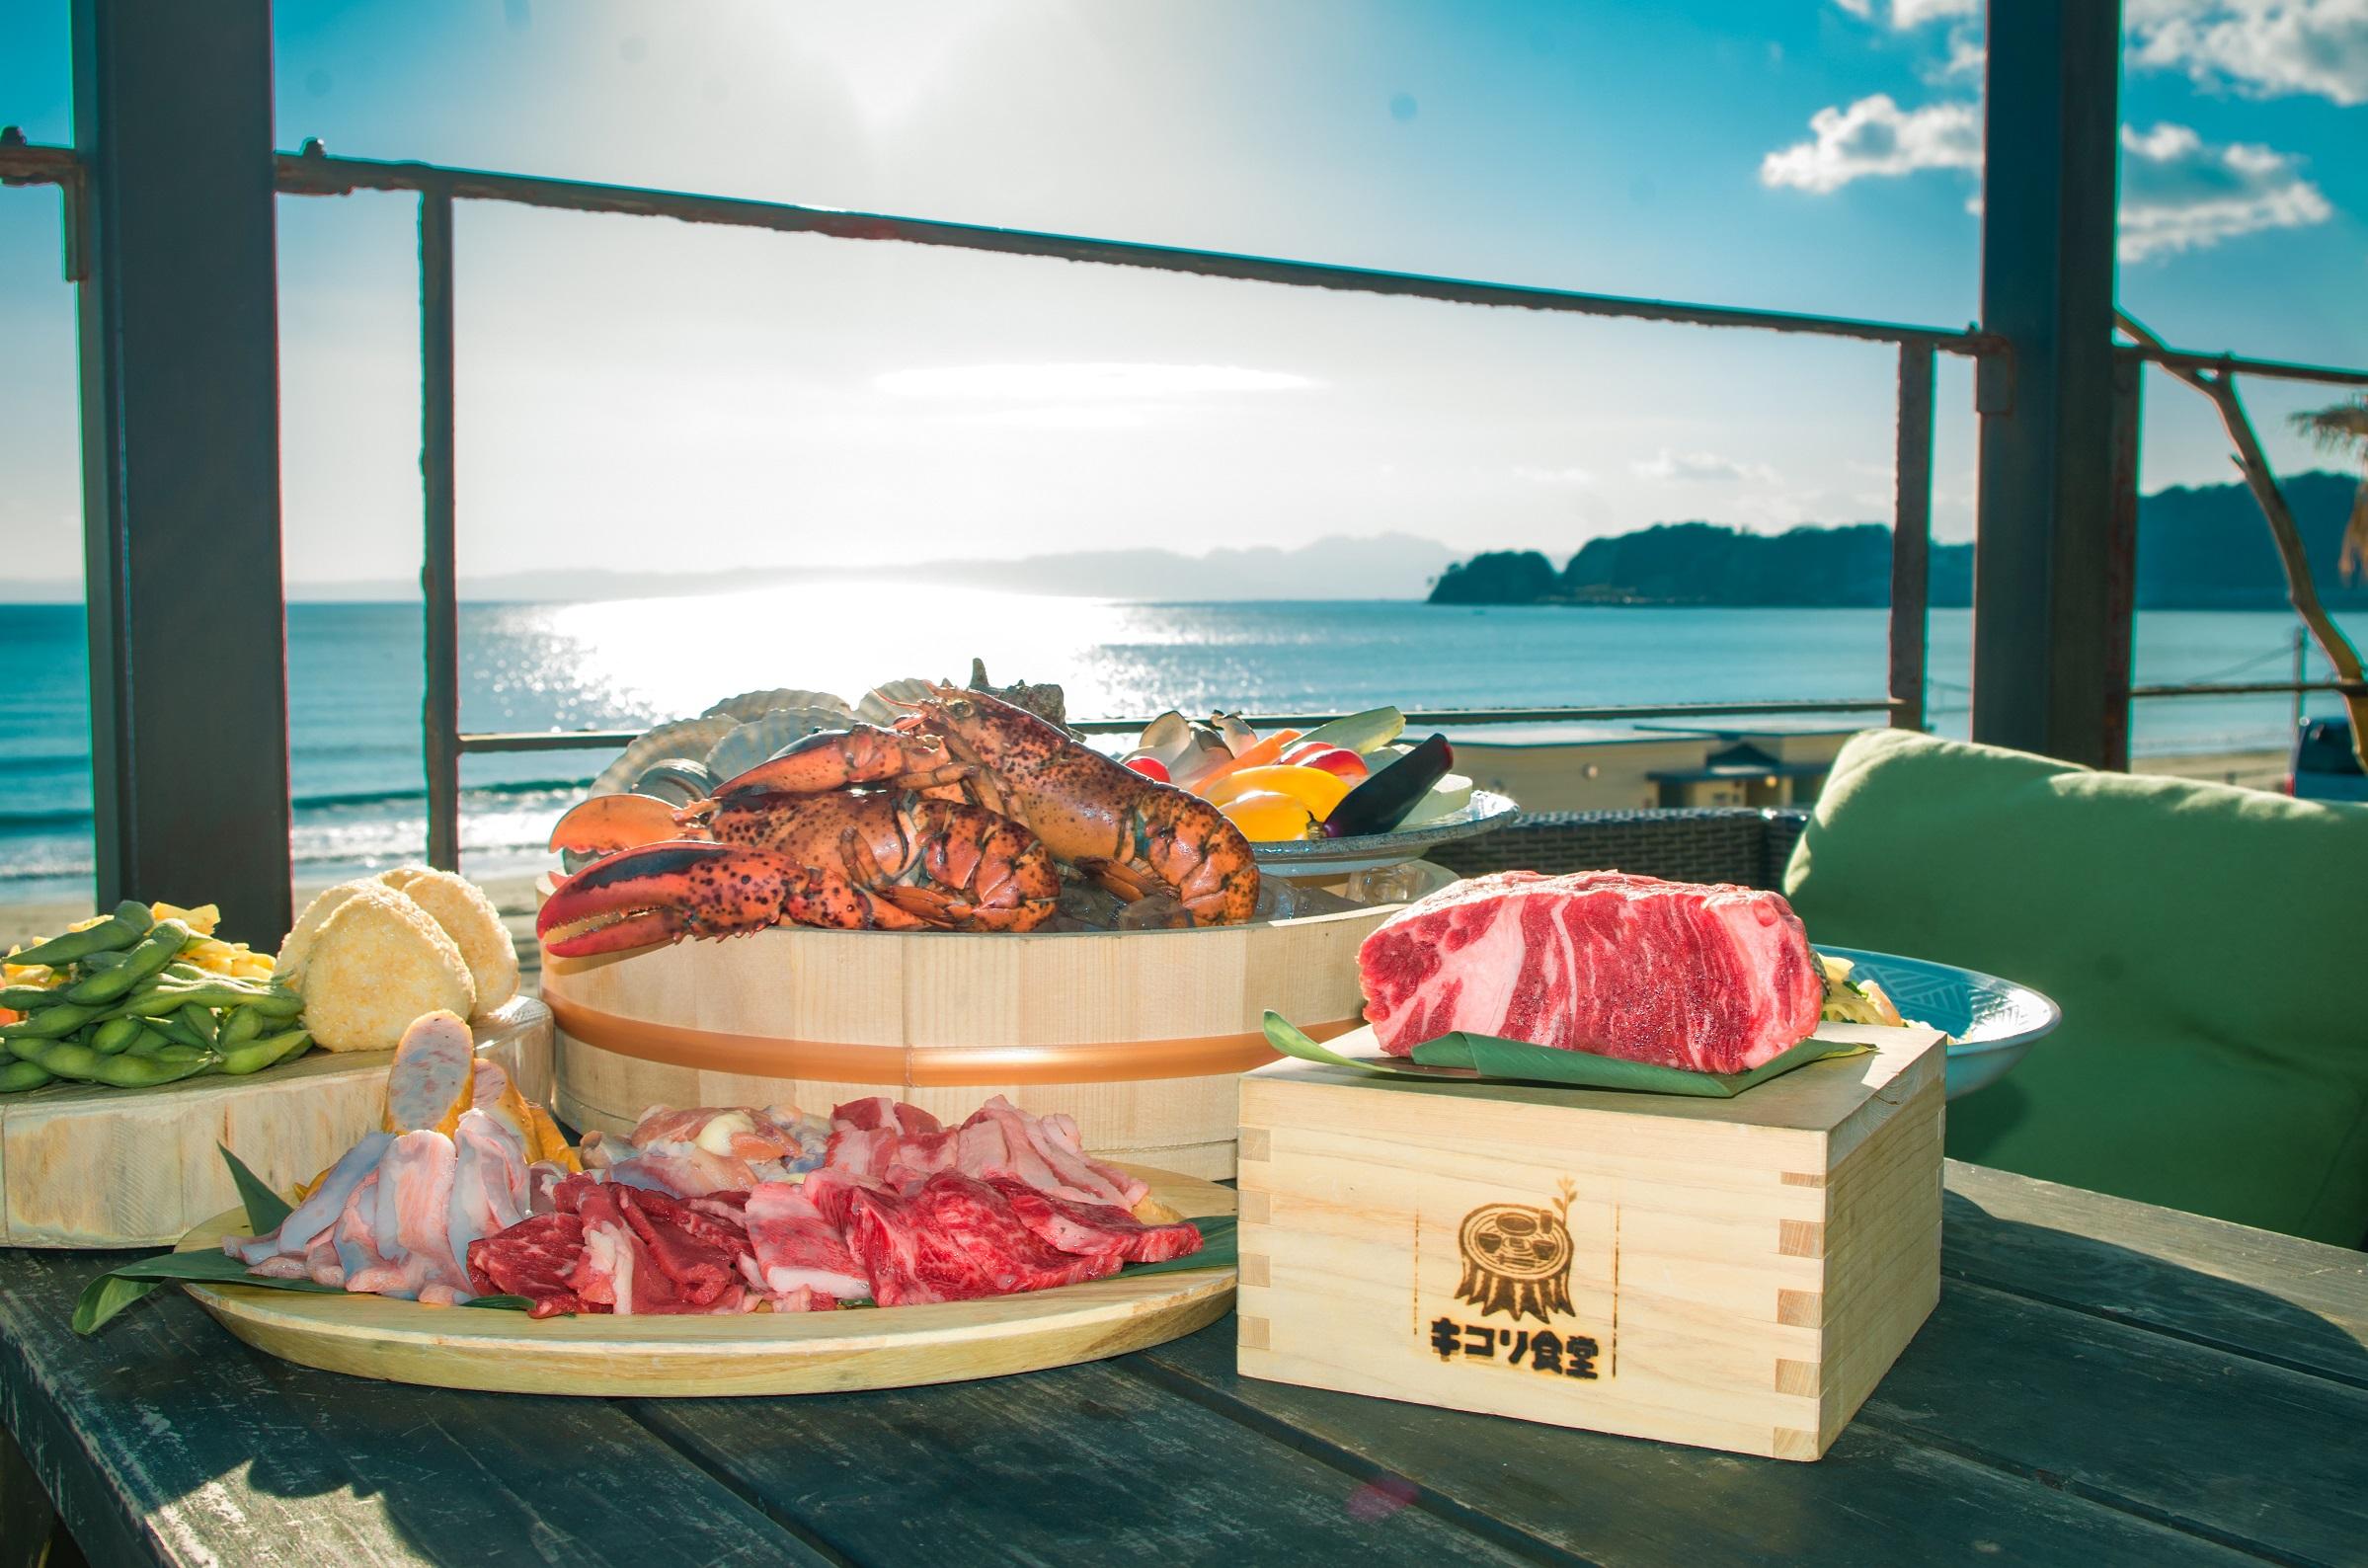 「3時間たっぷり!塊肉と豪快漁師盛りBBQコース」3